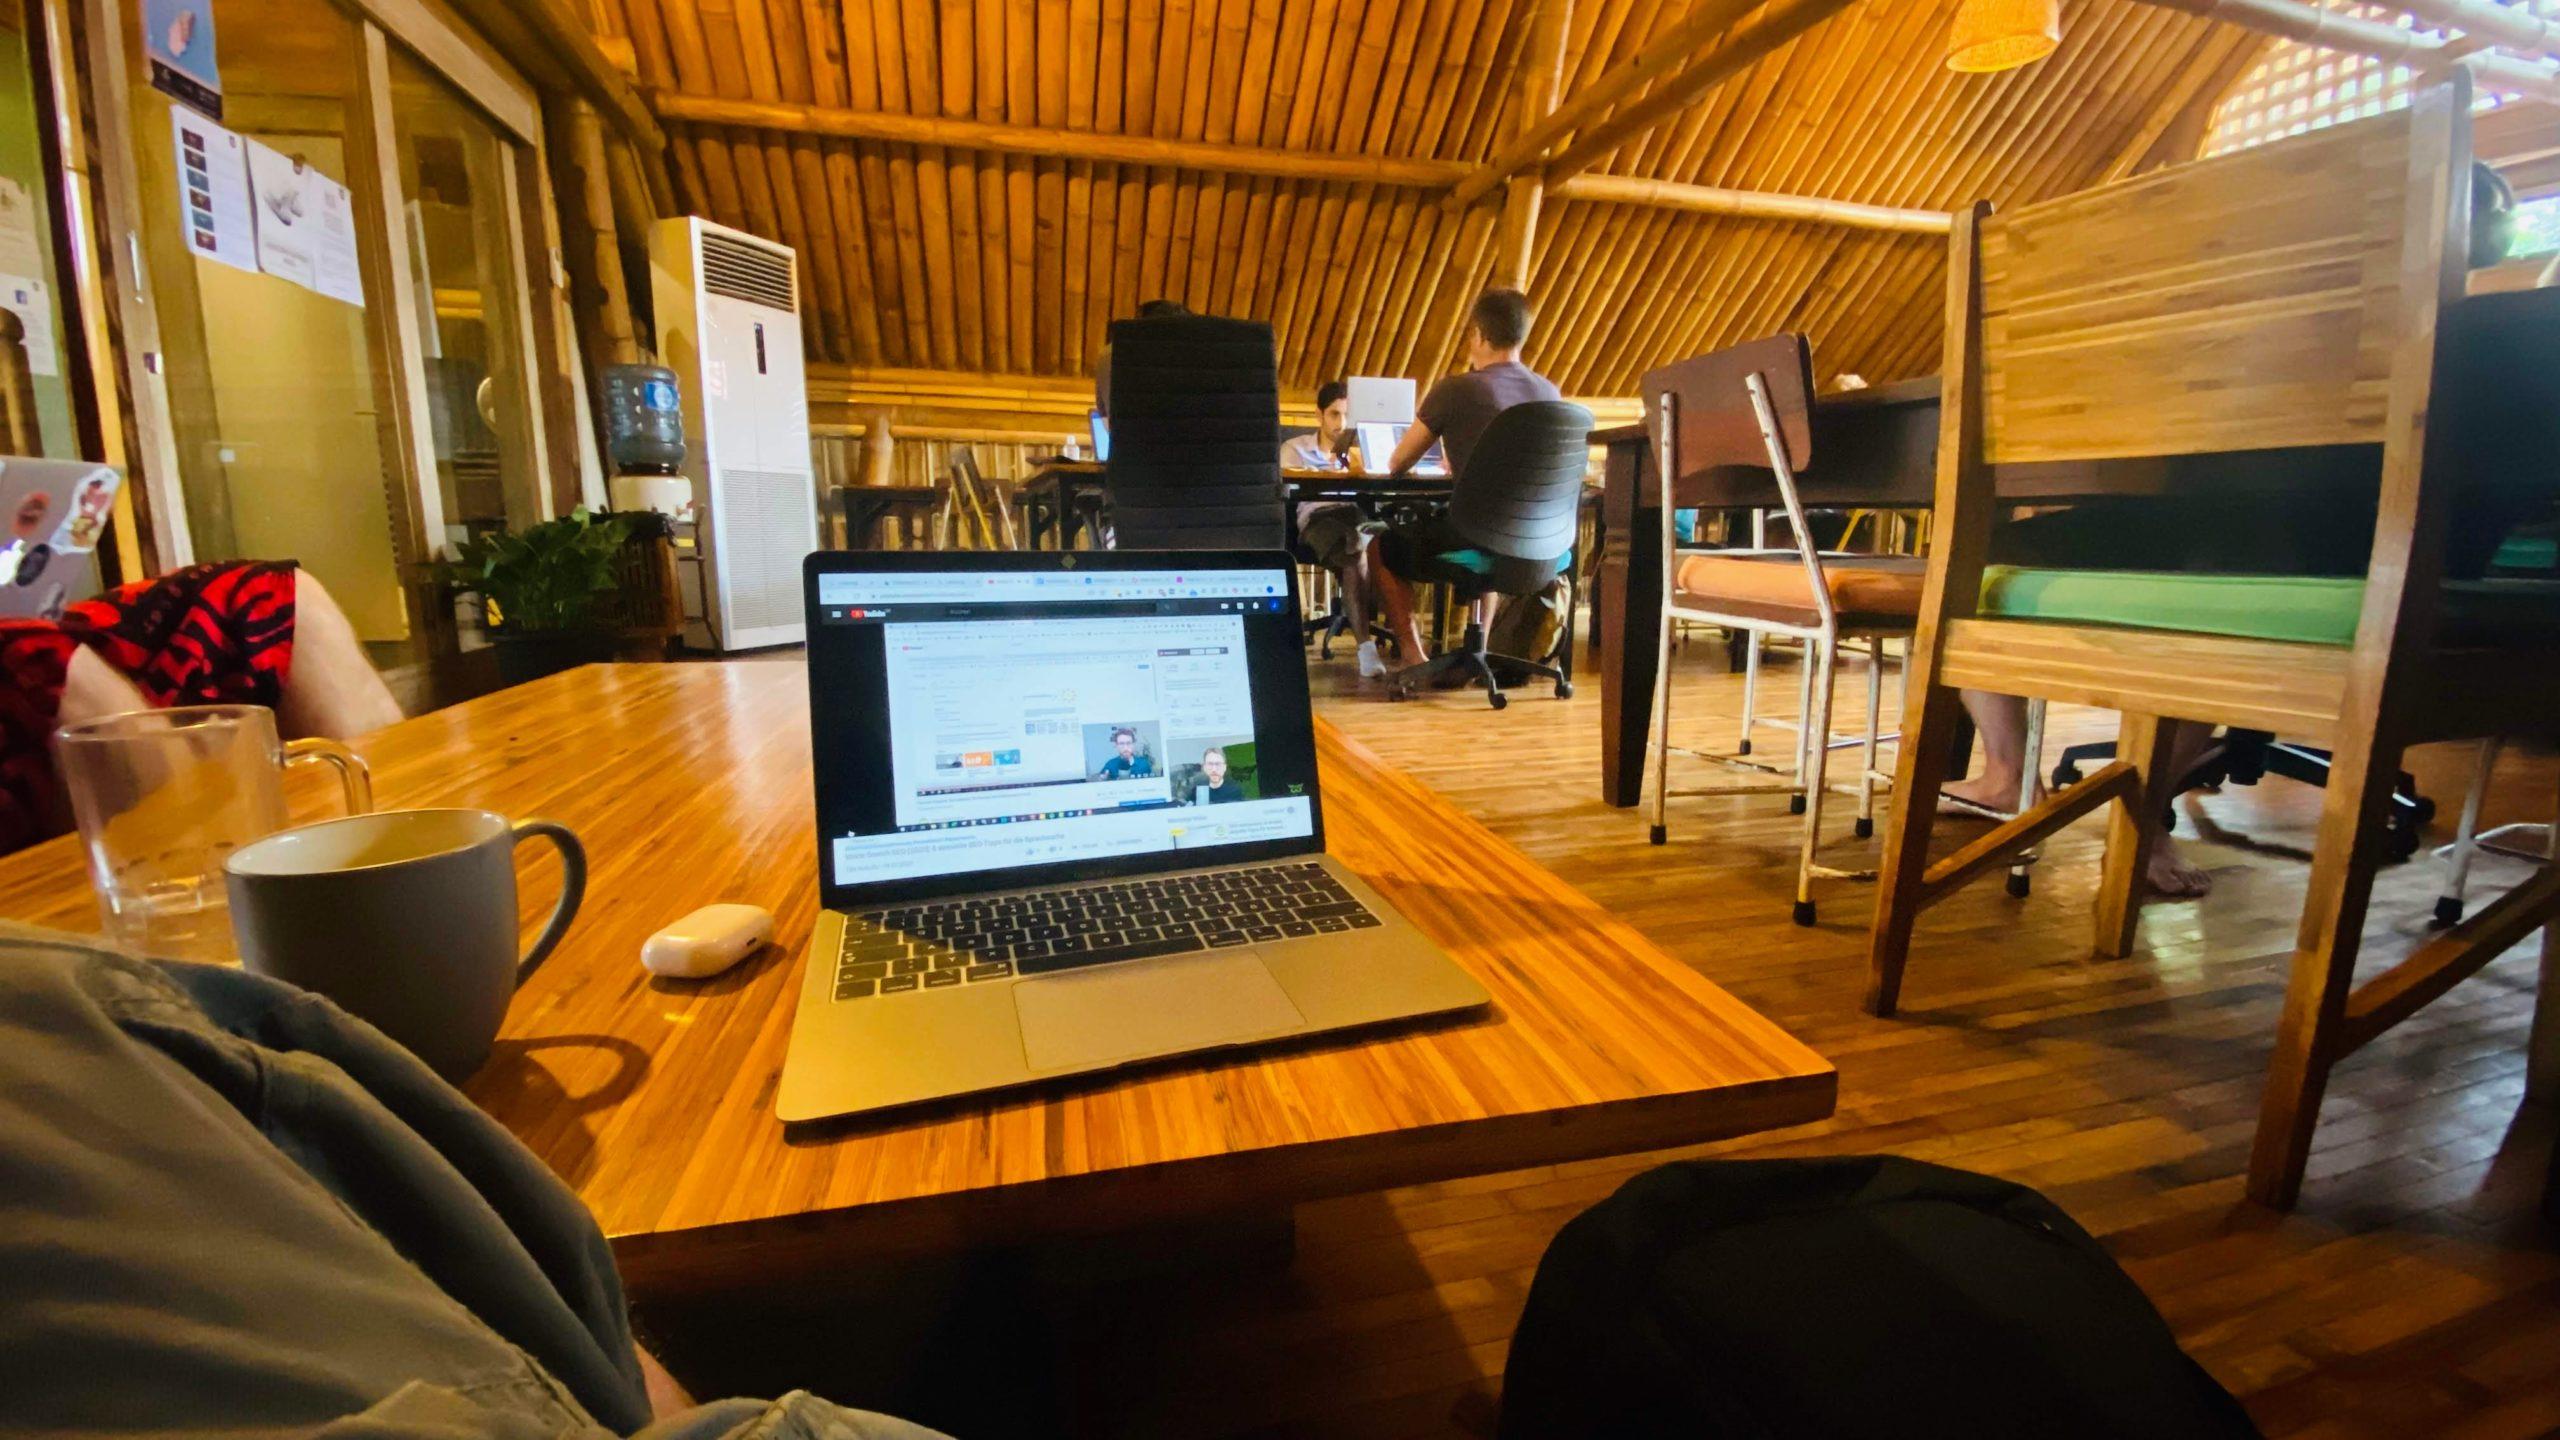 Coworking 👩💻 👨💻 👩💻 👨💻 - Erfahrung, Definition, Vorteile und Entwicklung